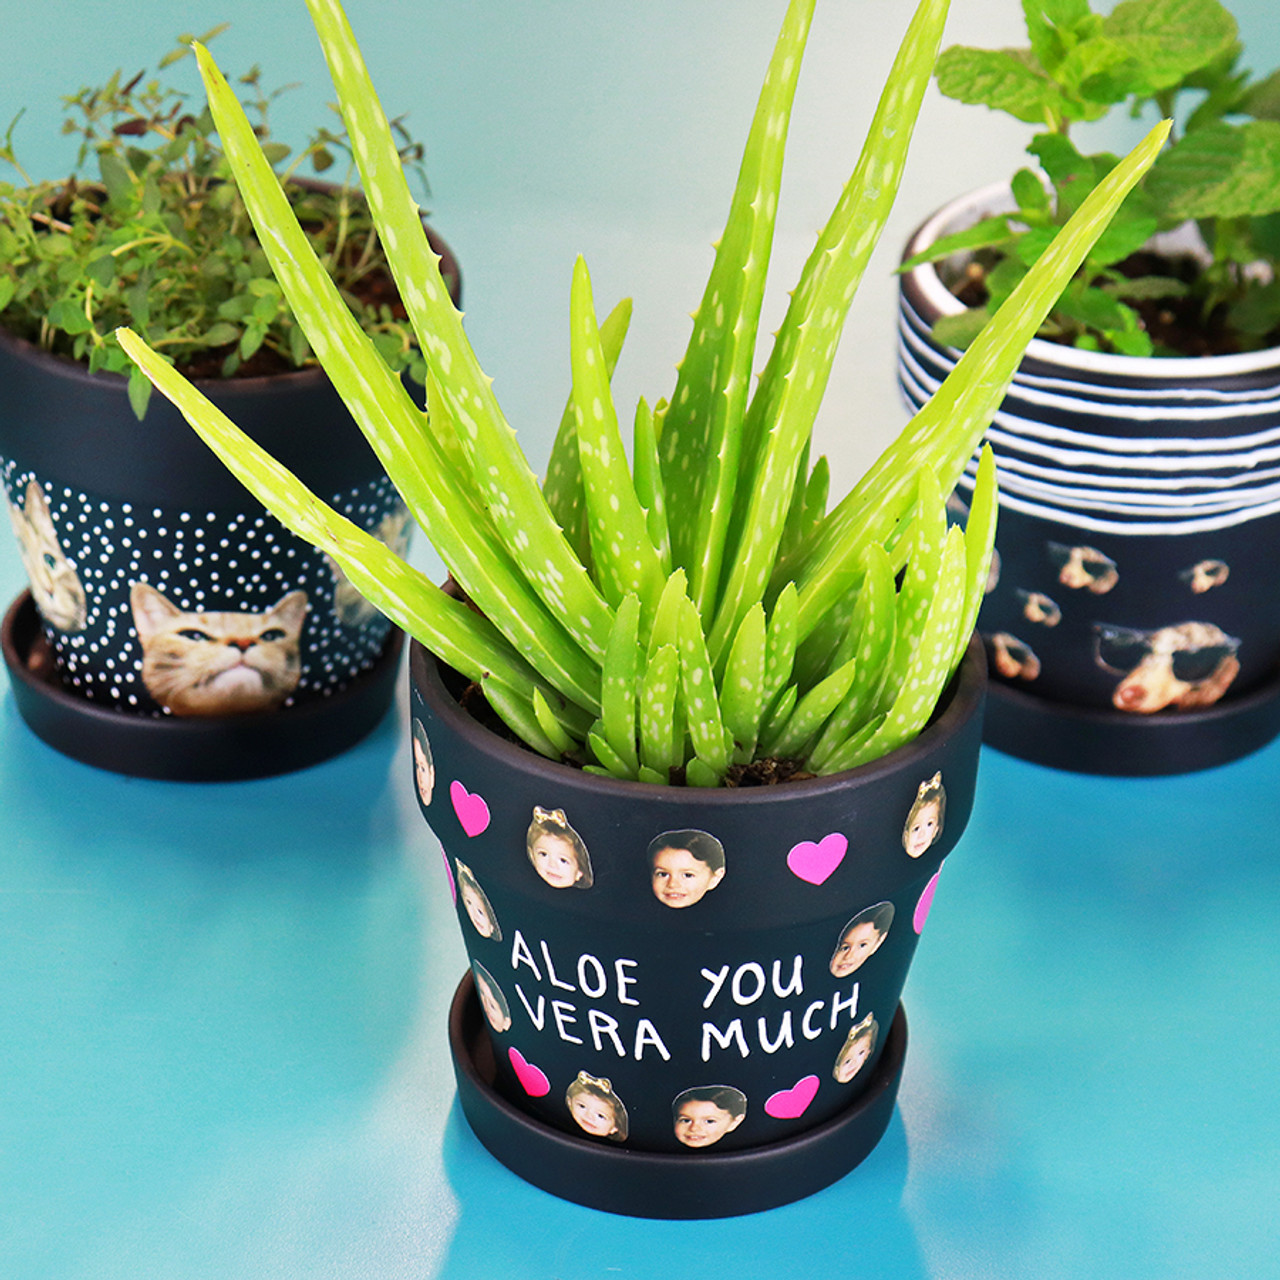 DIY Personalized Chalkboard Pots